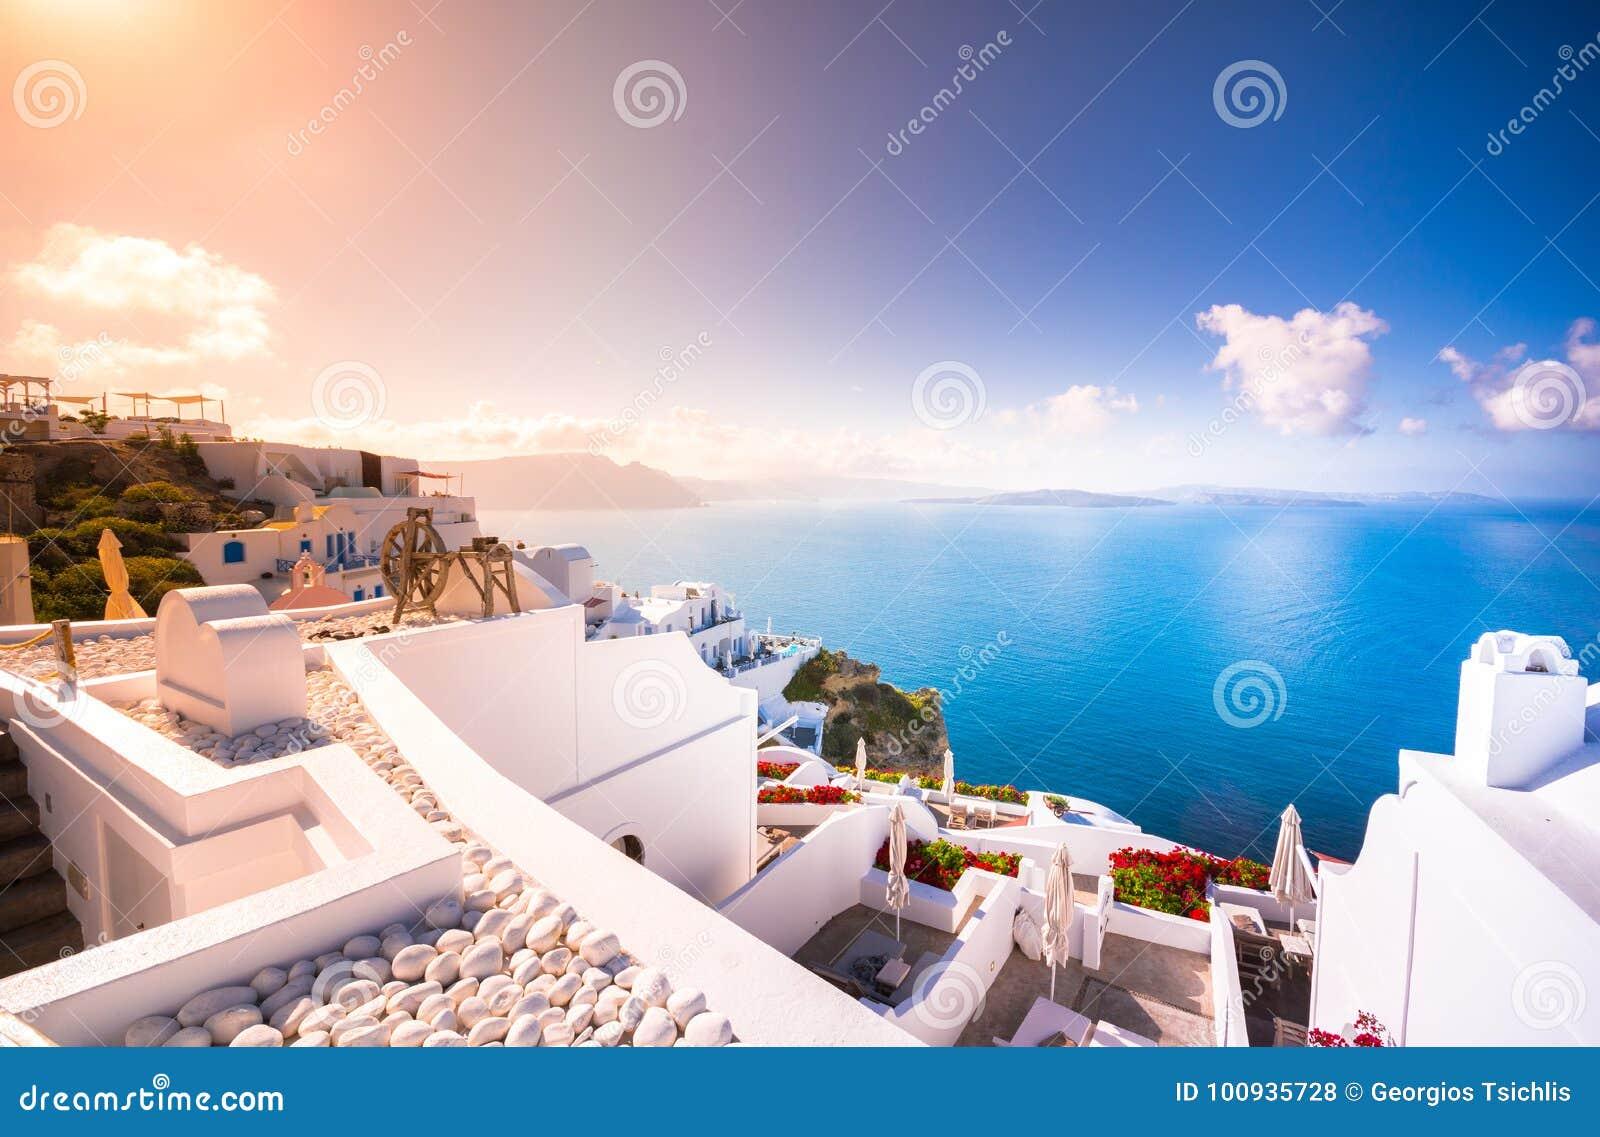 Cidade de Oia na ilha de Santorini, Grécia Casas e igrejas tradicionais e famosas com as abóbadas azuis sobre o Caldera, Mar Egeu